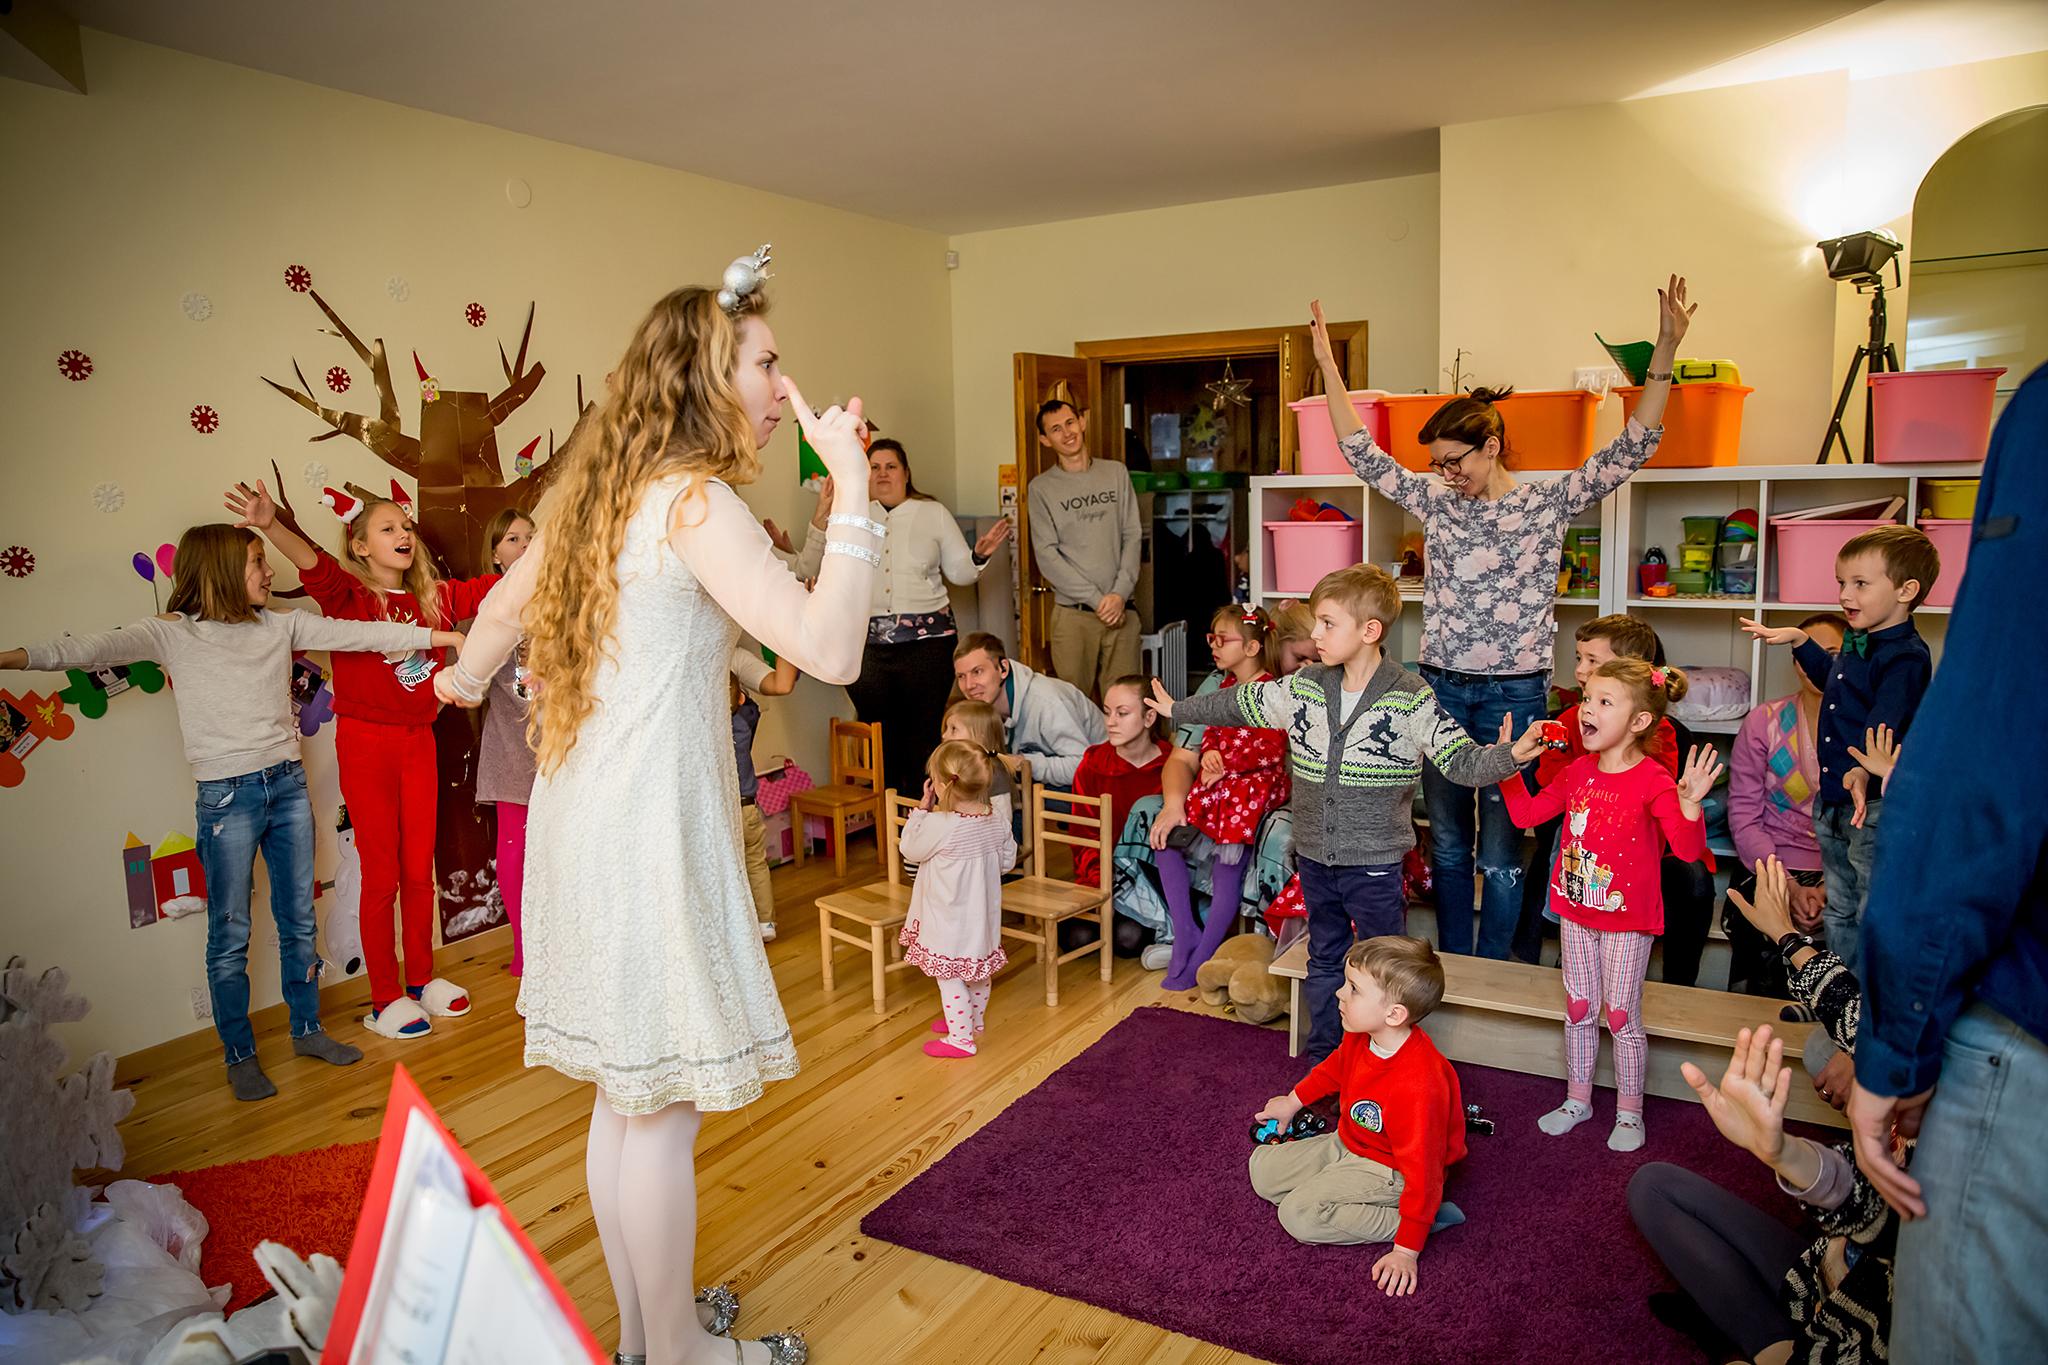 Kalėdinis spektaklis vaikams, miuziklas, stebuklingos senelio roges, gyviteatre, muzikinis teatras, teatras vaikams.